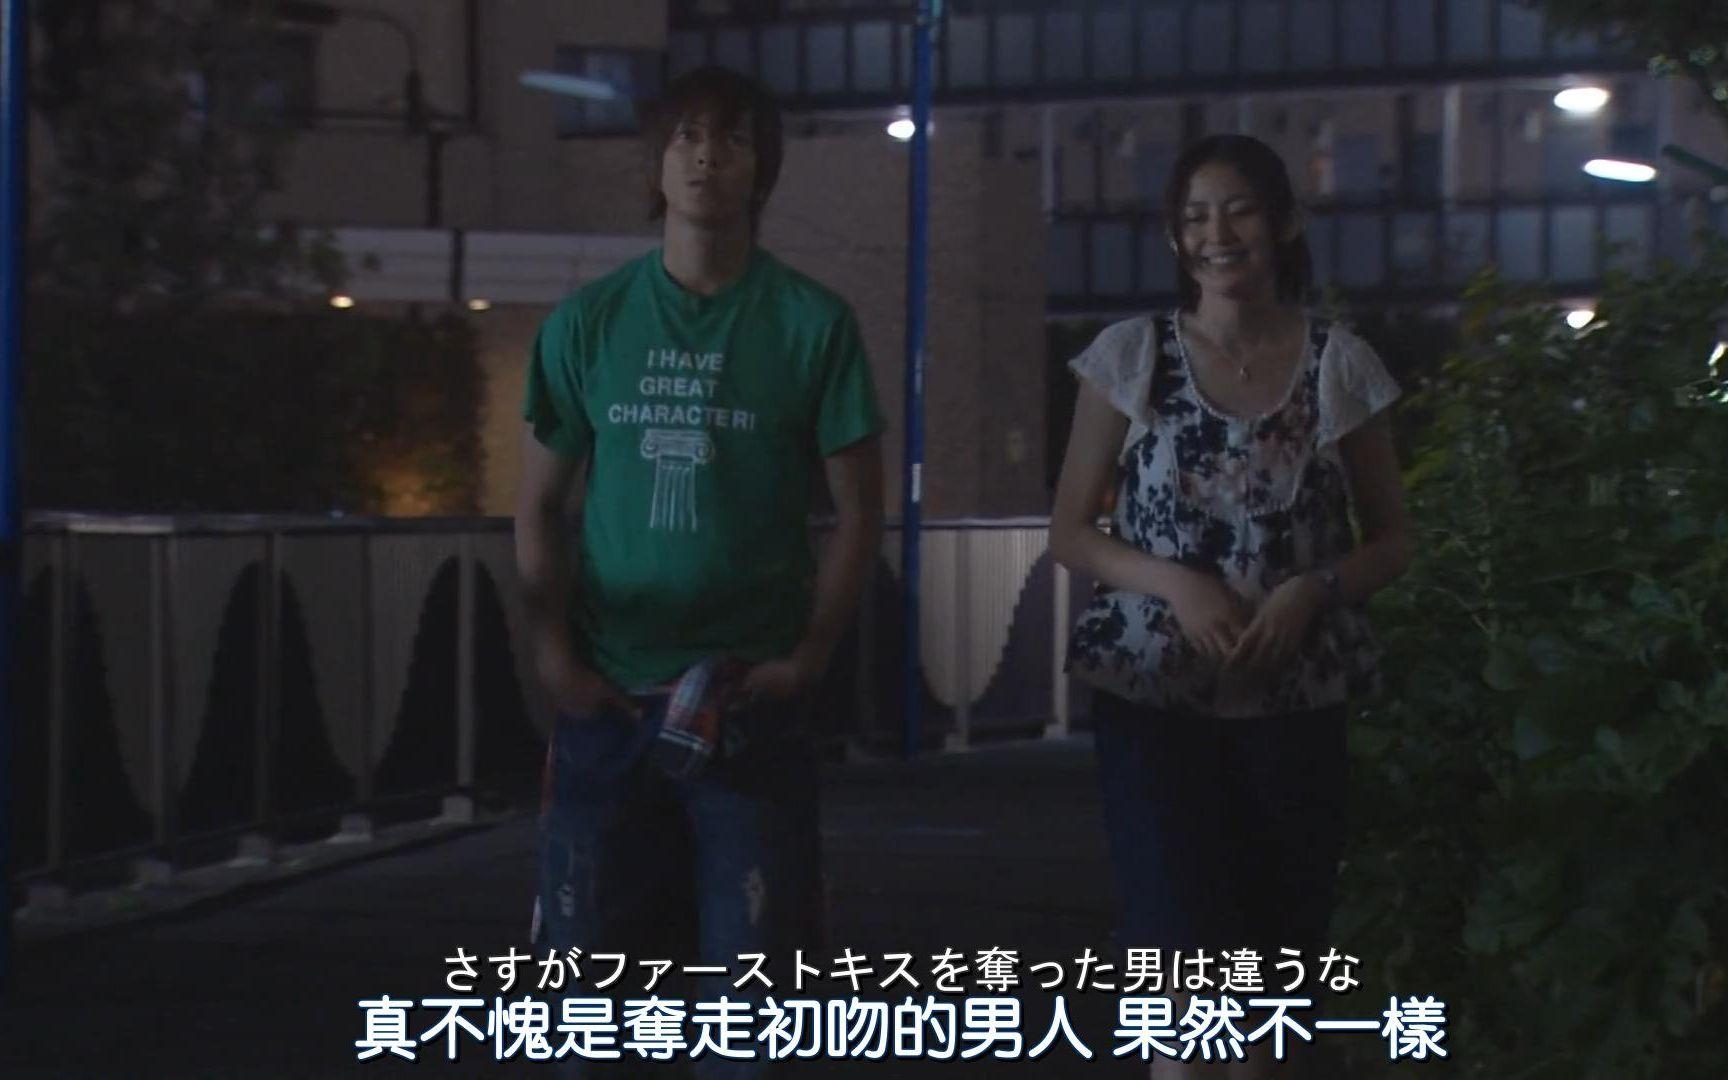 《求婚大作战》EP05-5 山下智久 长泽雅美 cut (中日字幕超清)